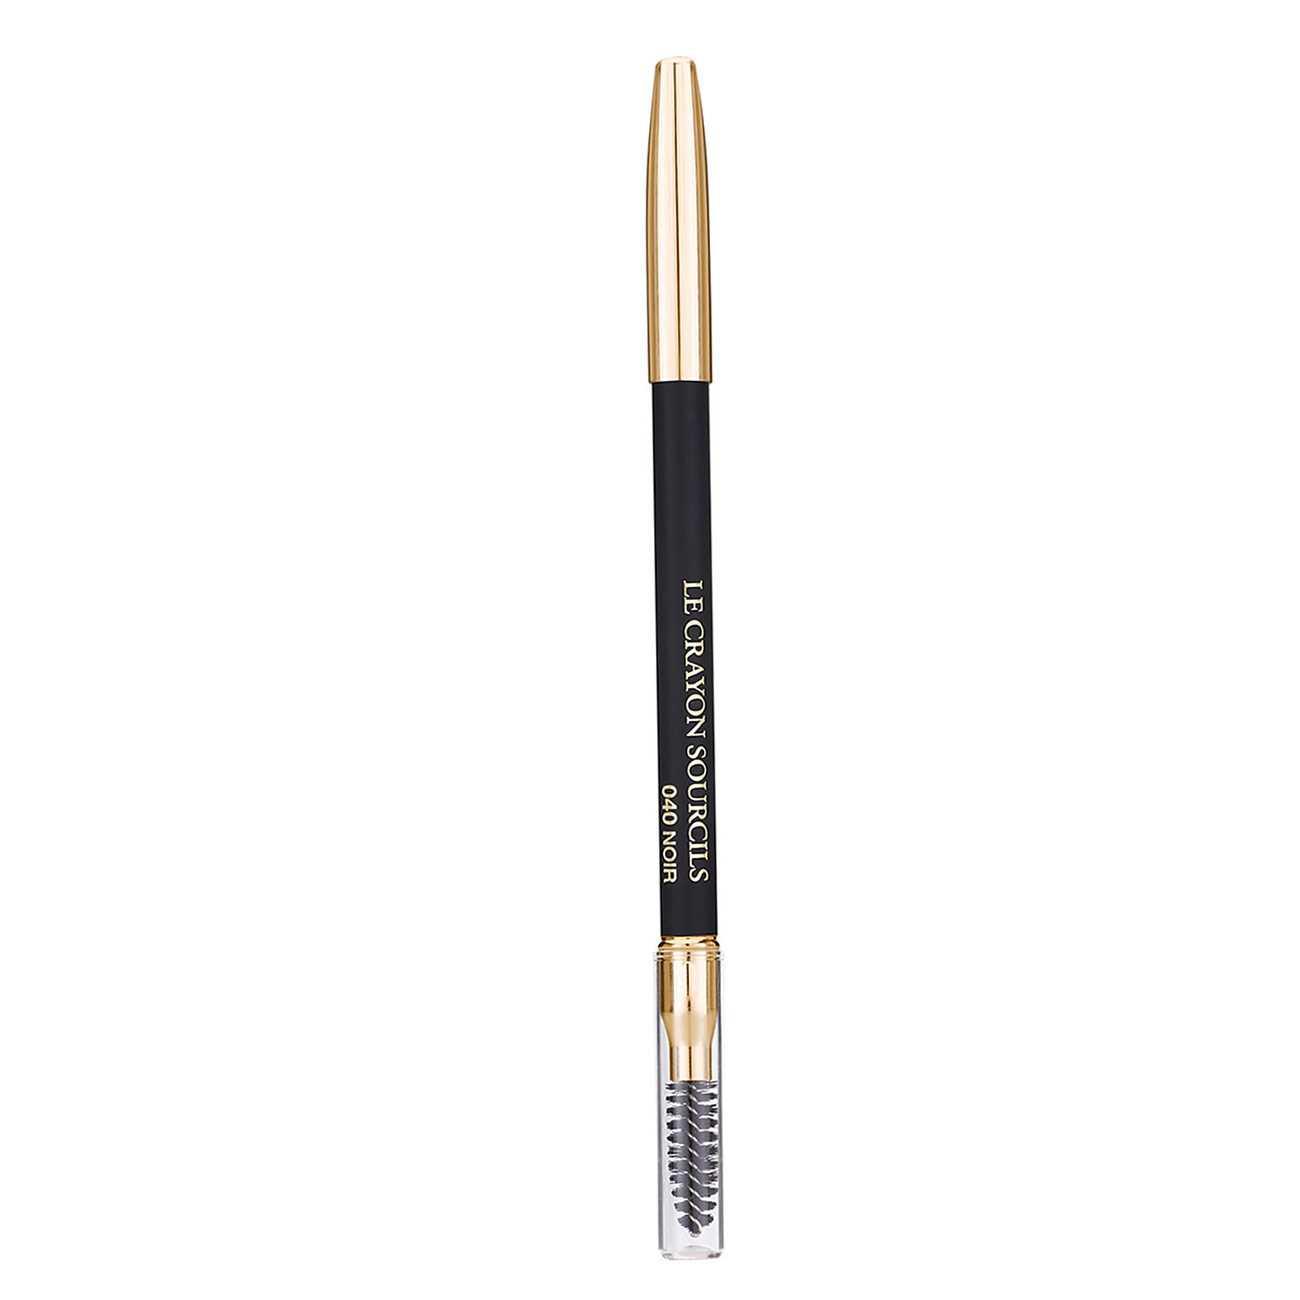 Le Crayon Sourcils 1 G Black 40 Lancôme imagine 2021 bestvalue.eu